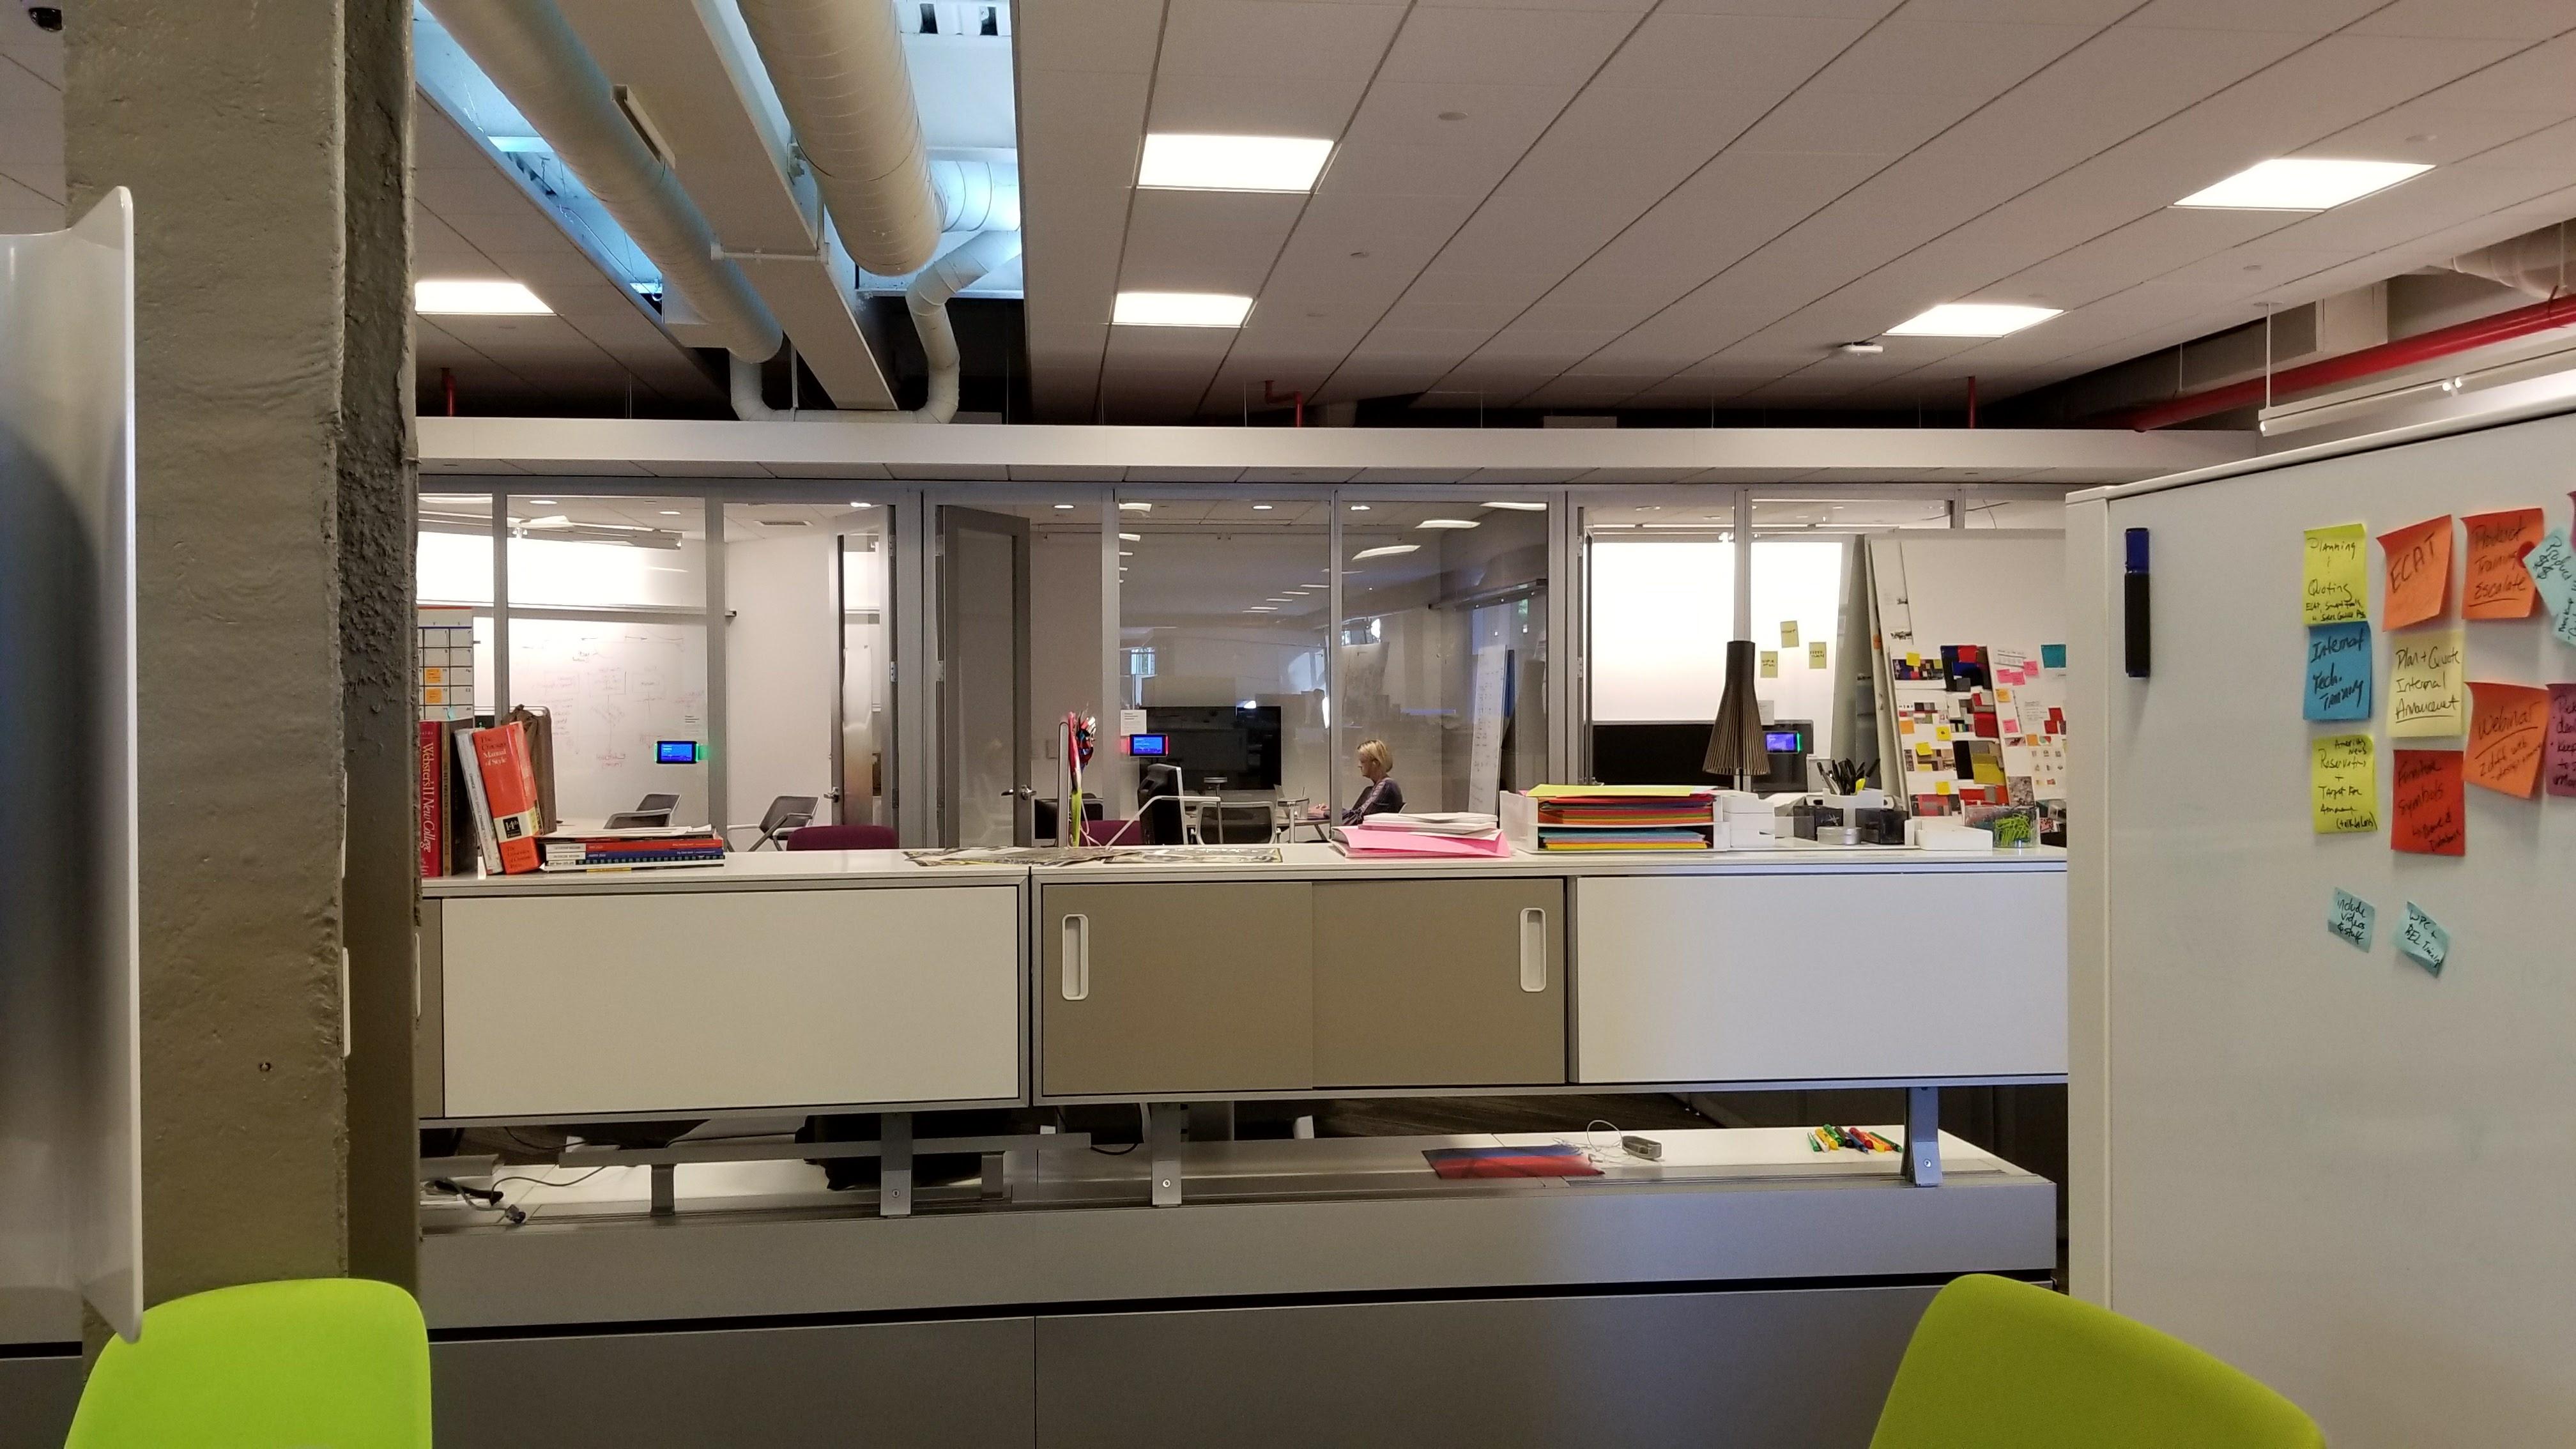 ws-3Steelcase workspace 3